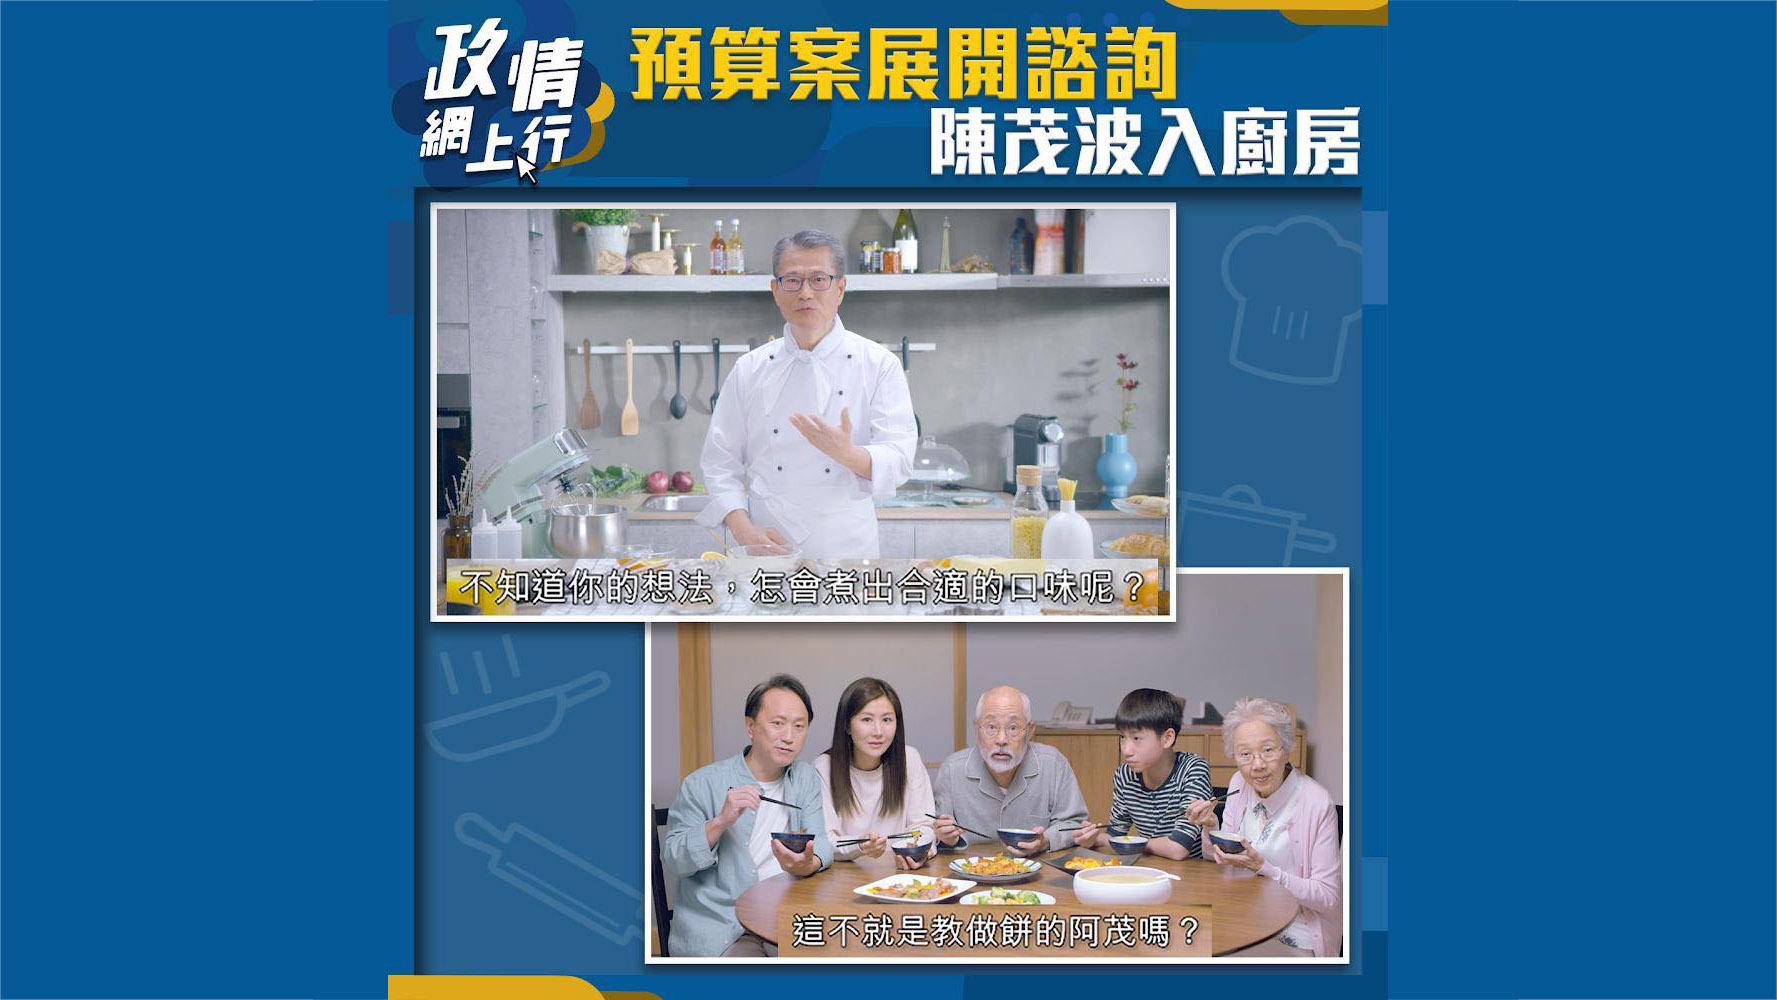 【政情網上行】預算案展開諮詢 陳茂波入廚房